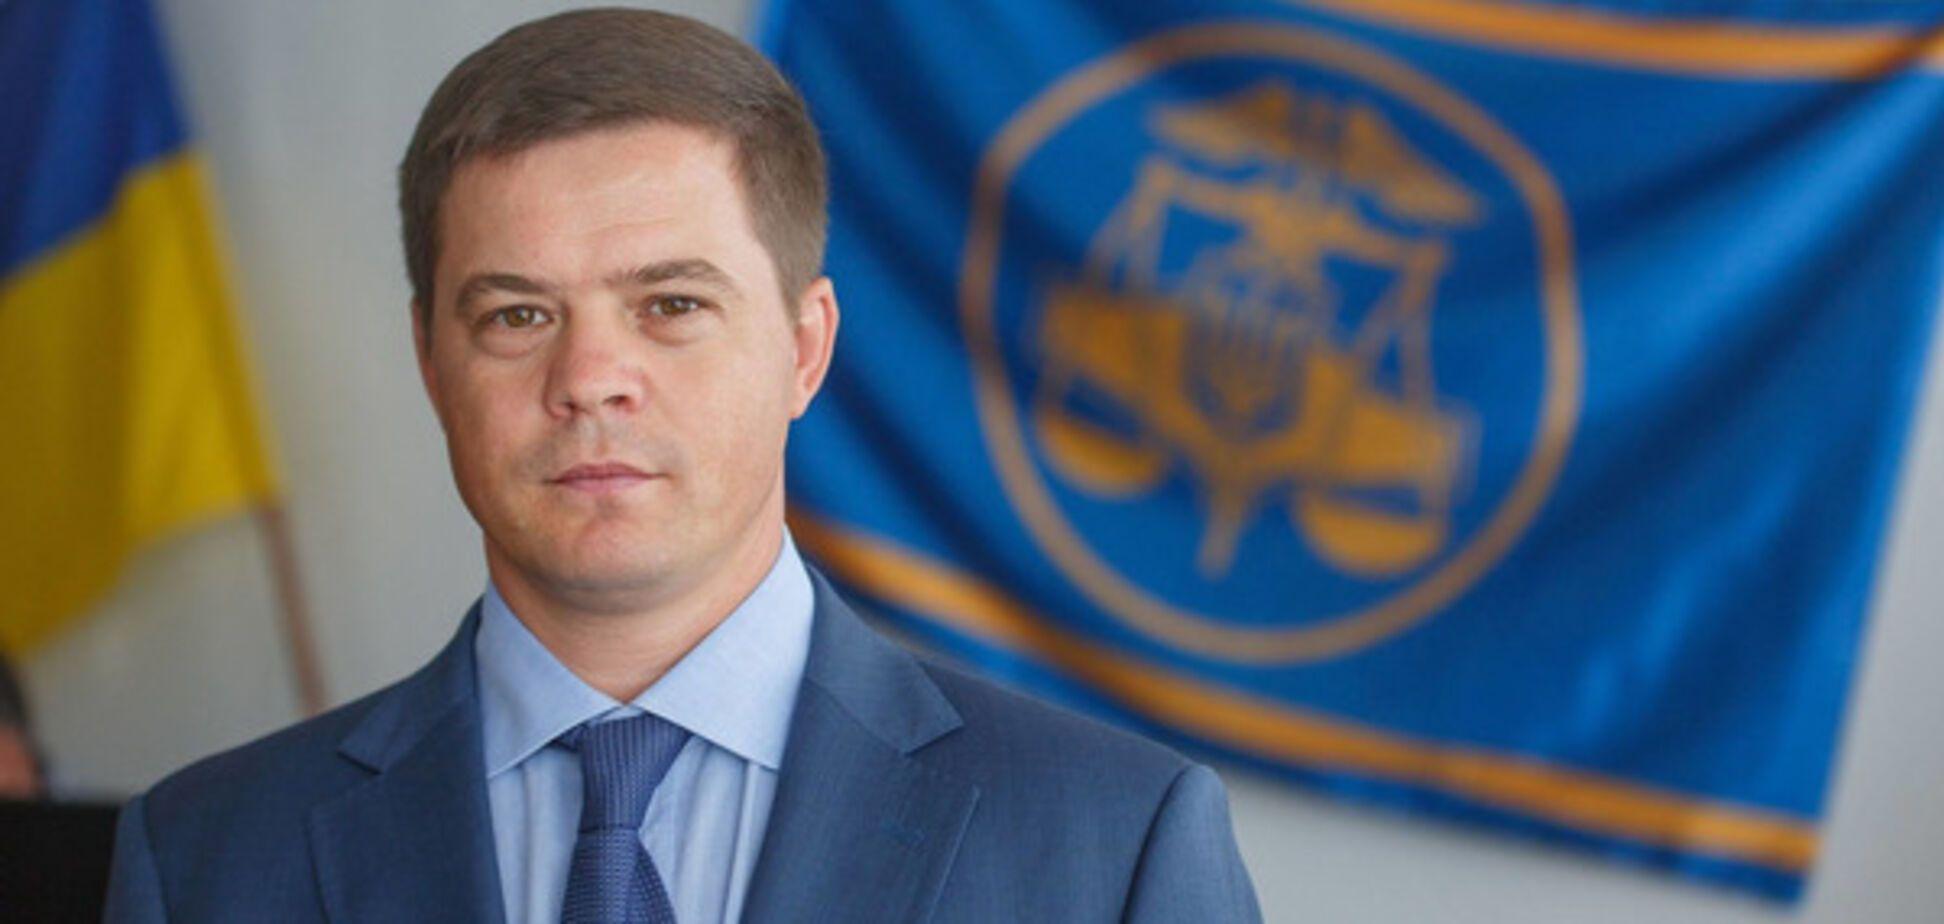 'Надеюсь, им стыдно': глава Киевской таможни выиграл суд у топ-канала Украины